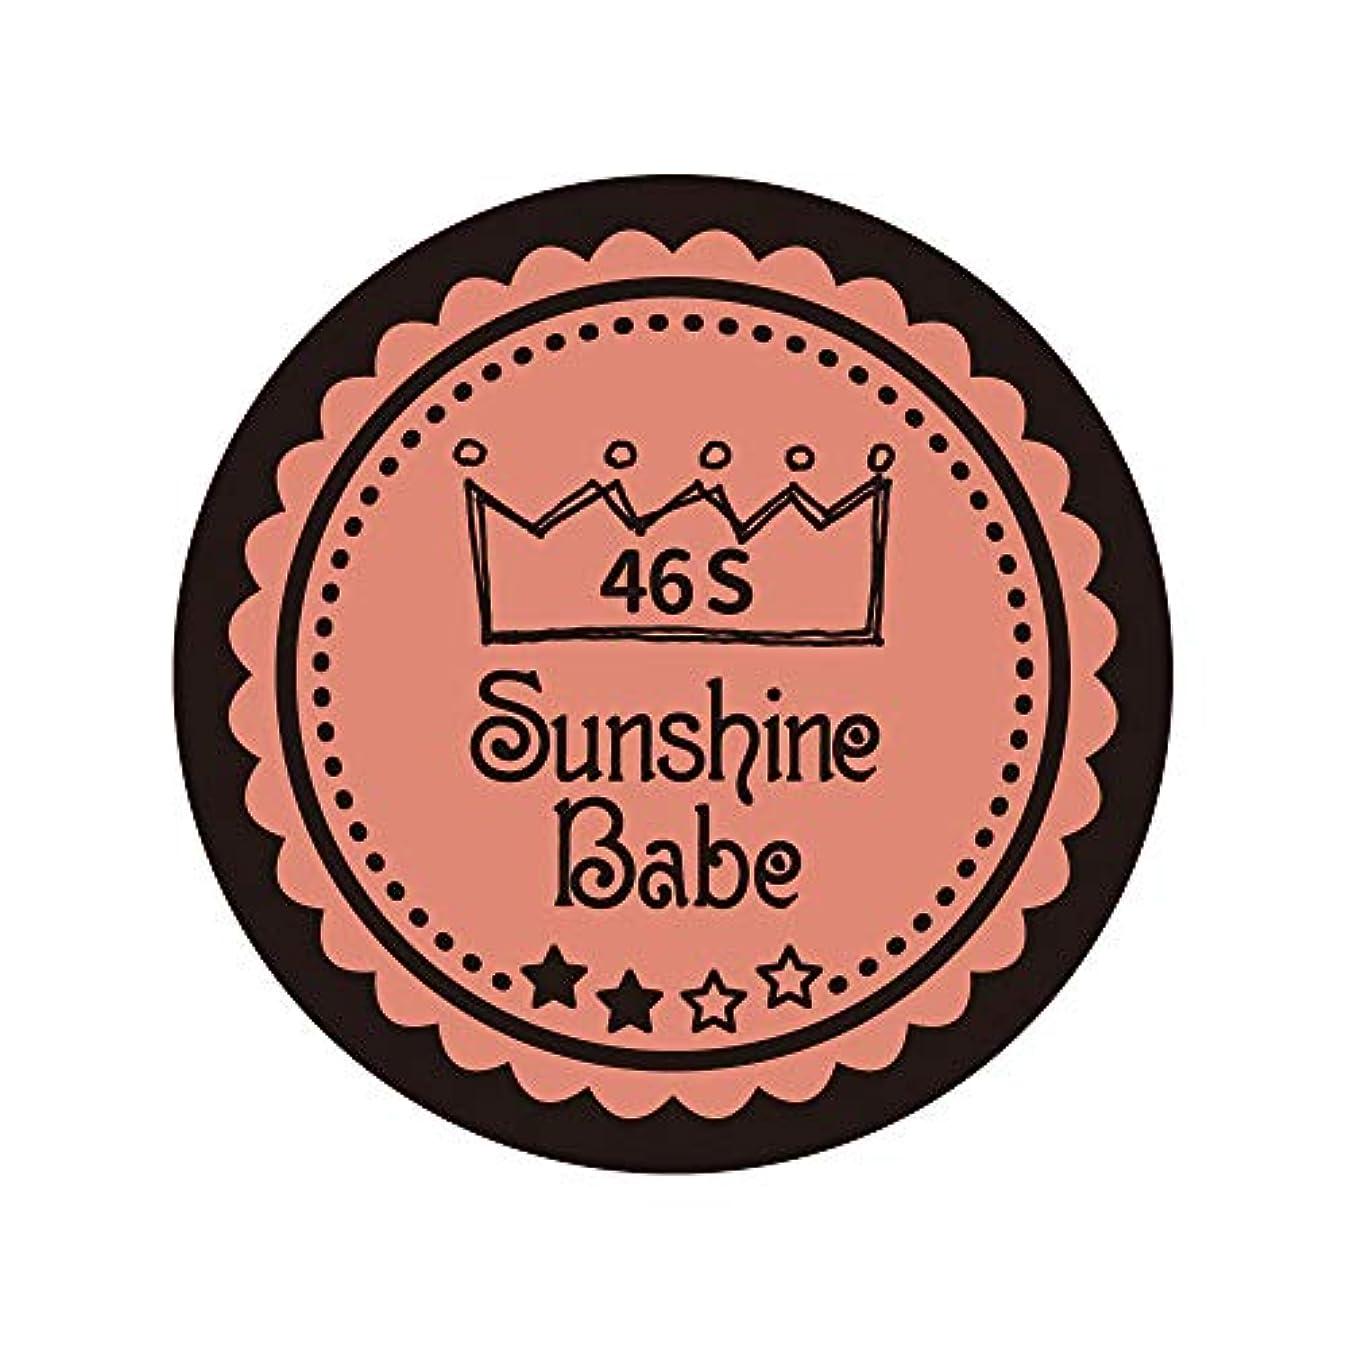 最初不毛タンパク質Sunshine Babe カラージェル 46S ピンクベージュ 4g UV/LED対応